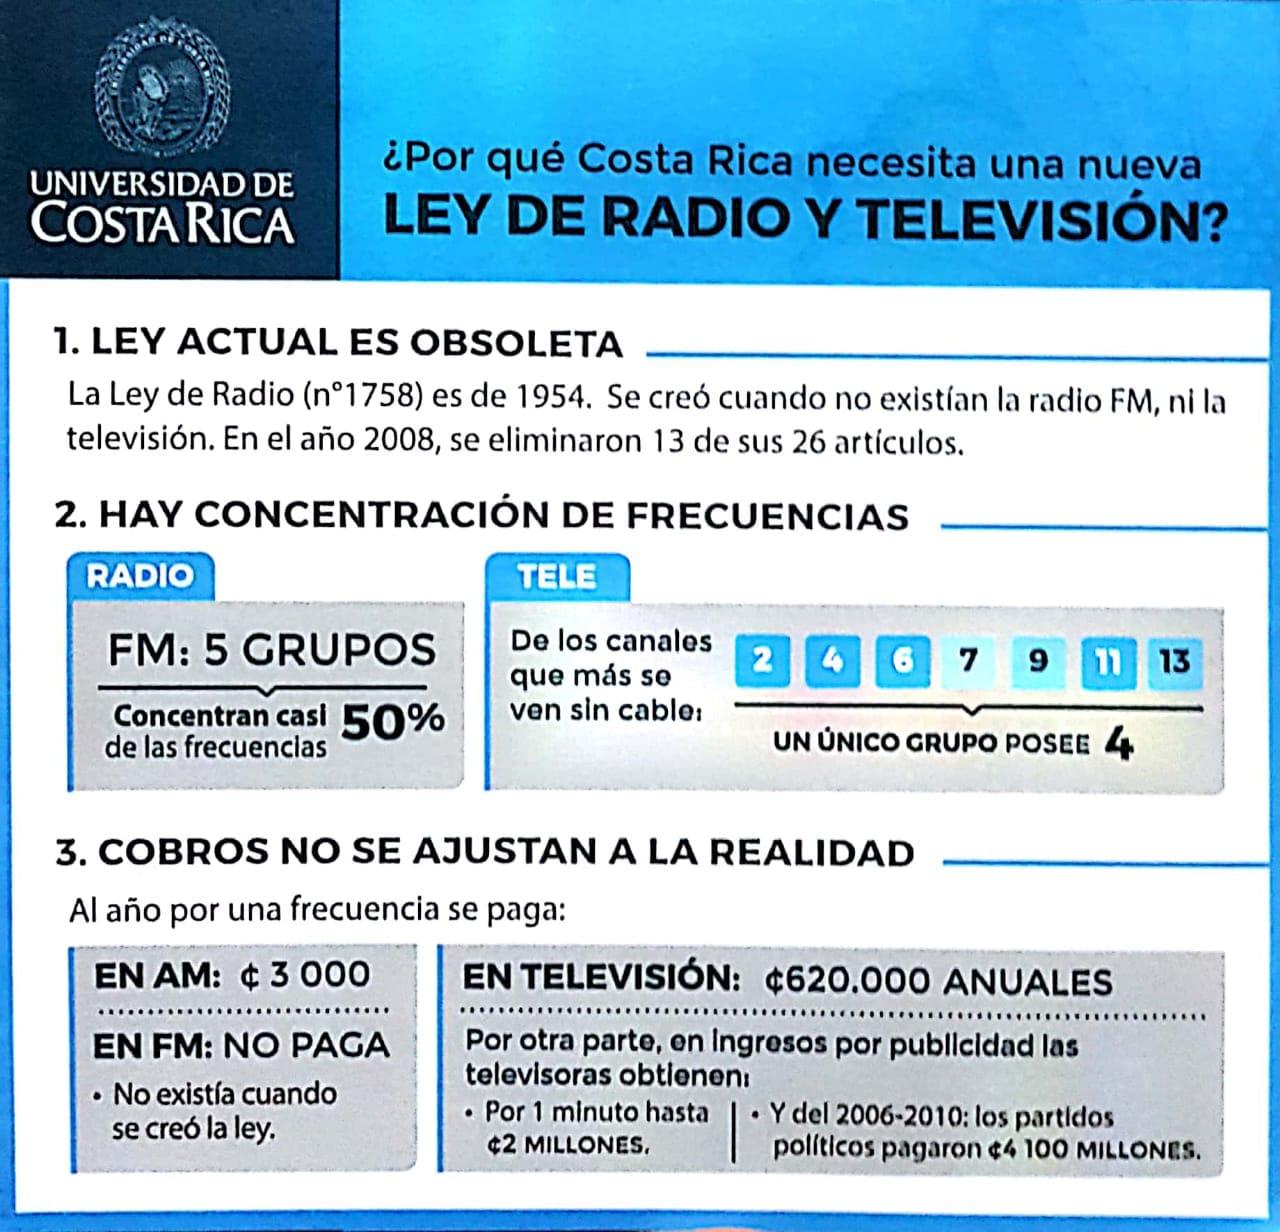 Por que Costa Rica necesita una nueva Ley de Radio y Television